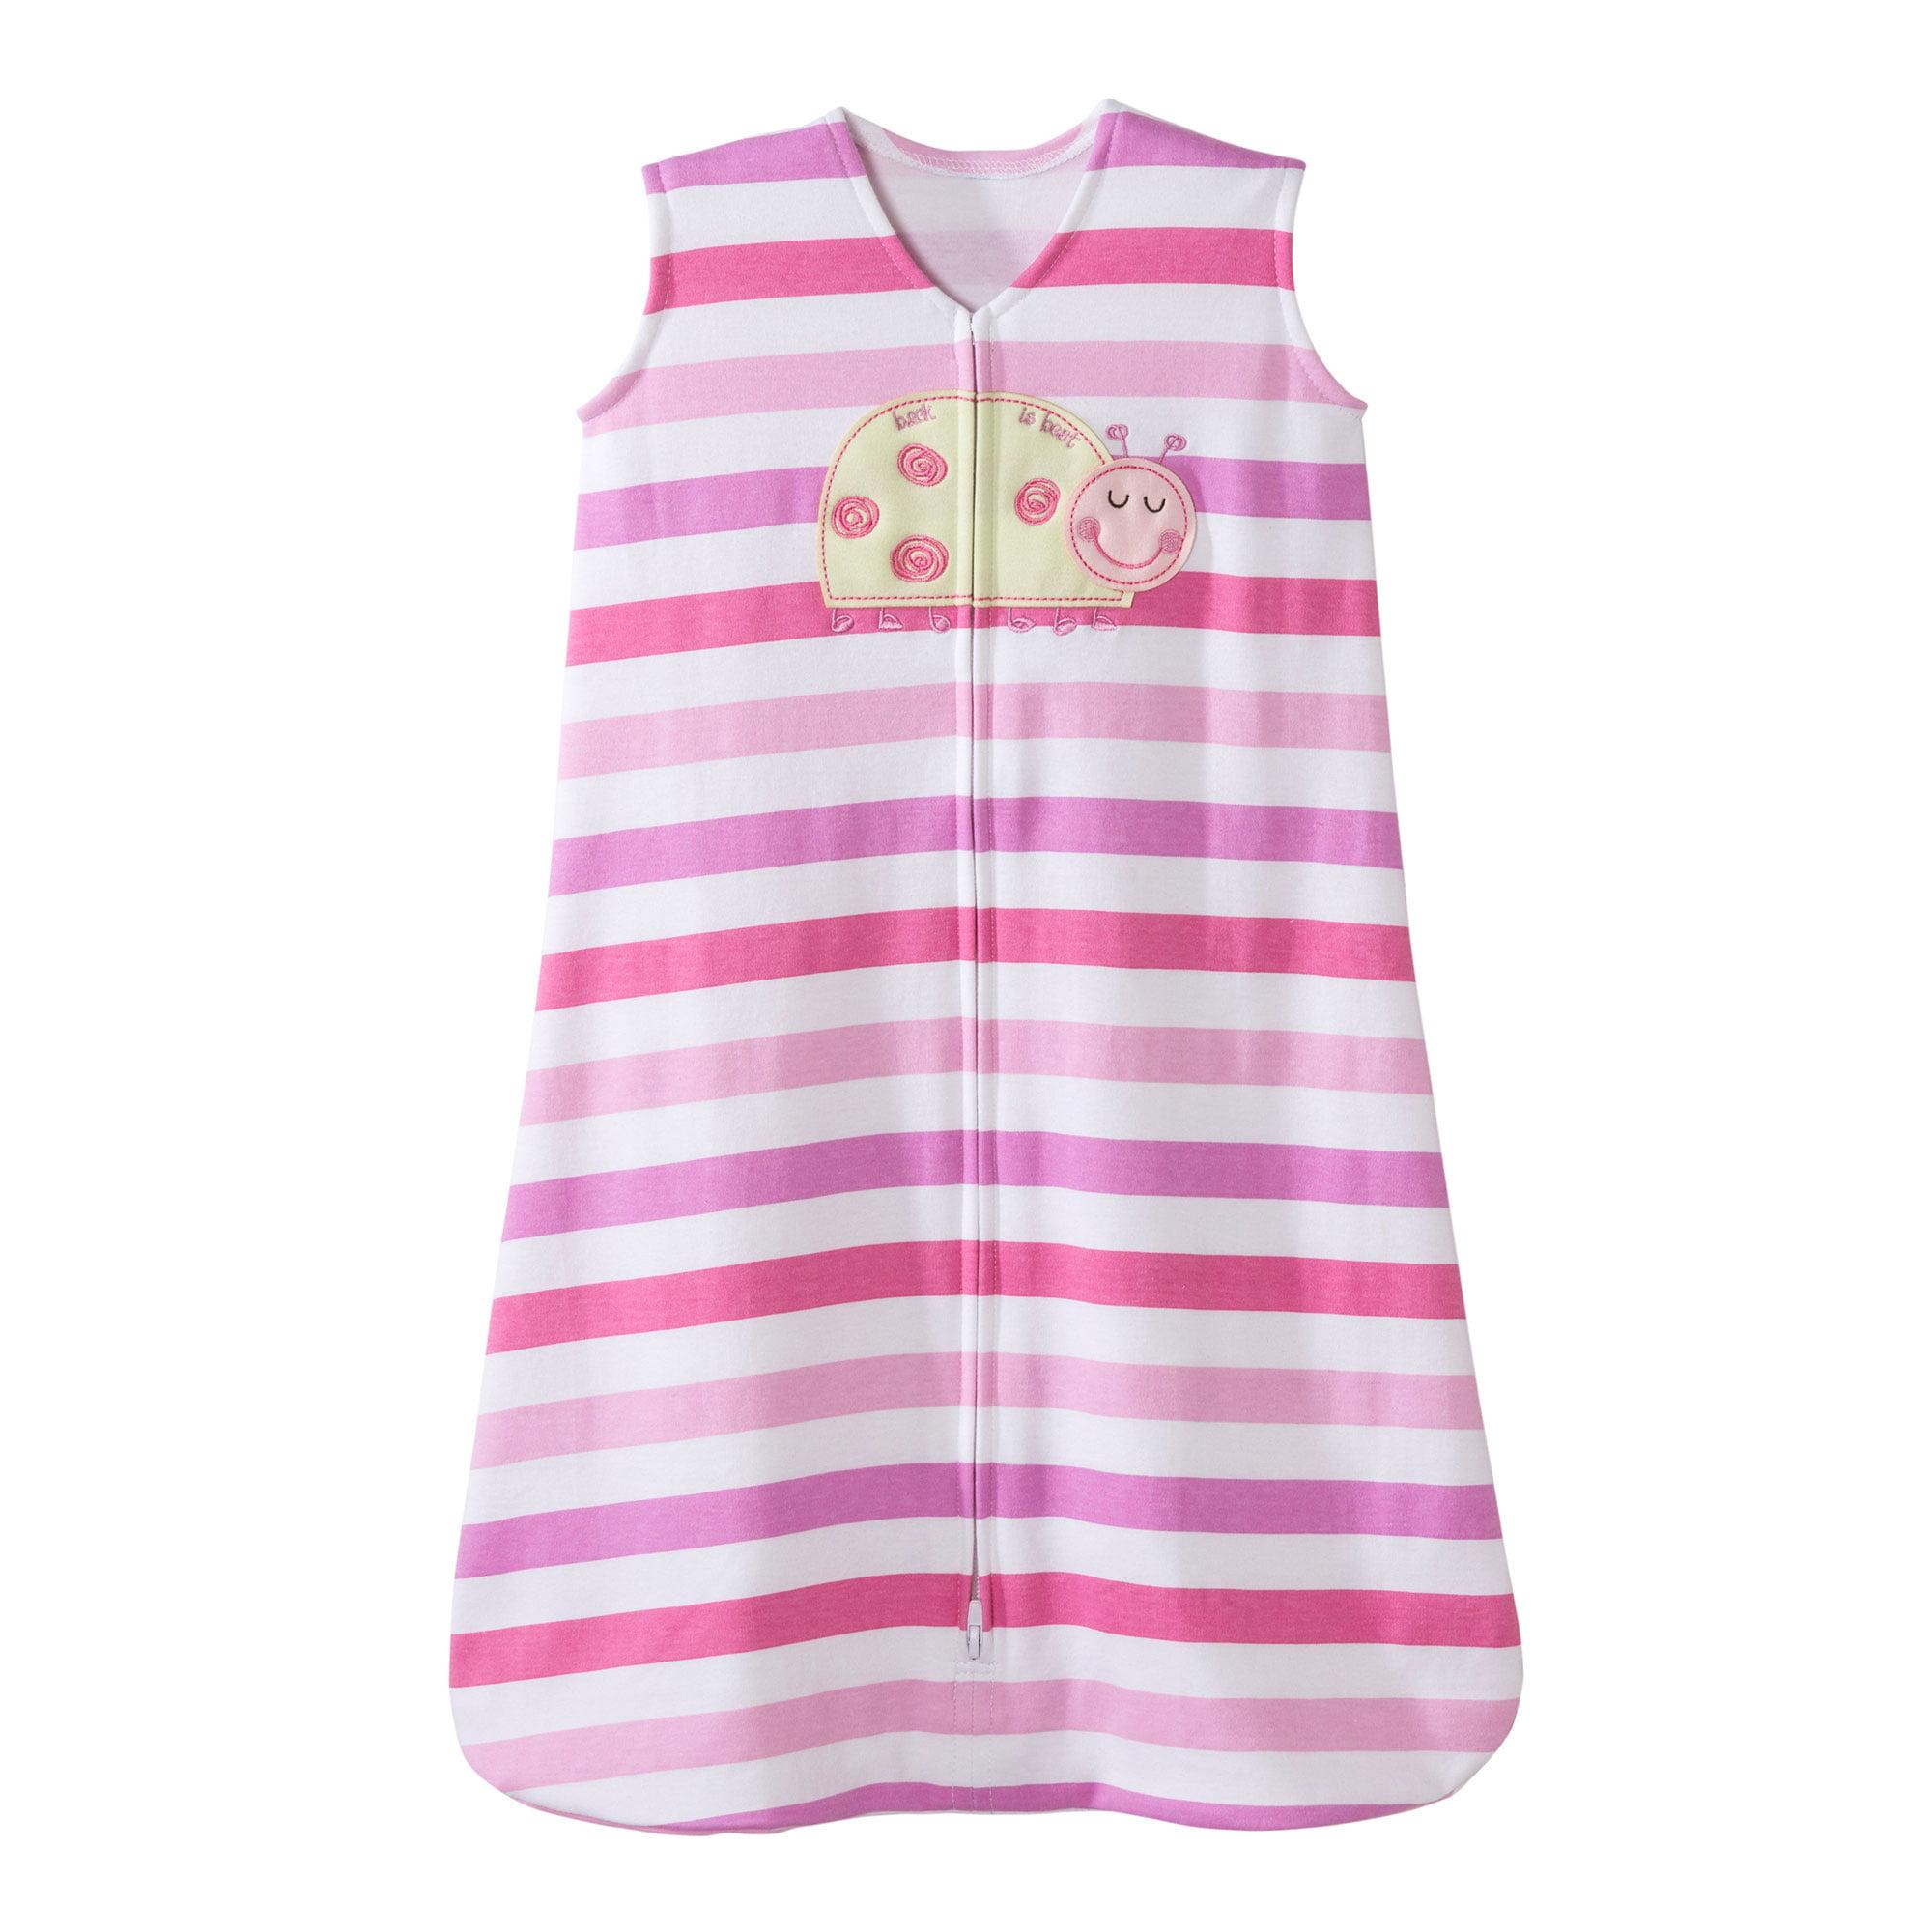 Halo Ladybug Pink Stripe Sleepsack Wearable Baby Blanket, Extra-Large